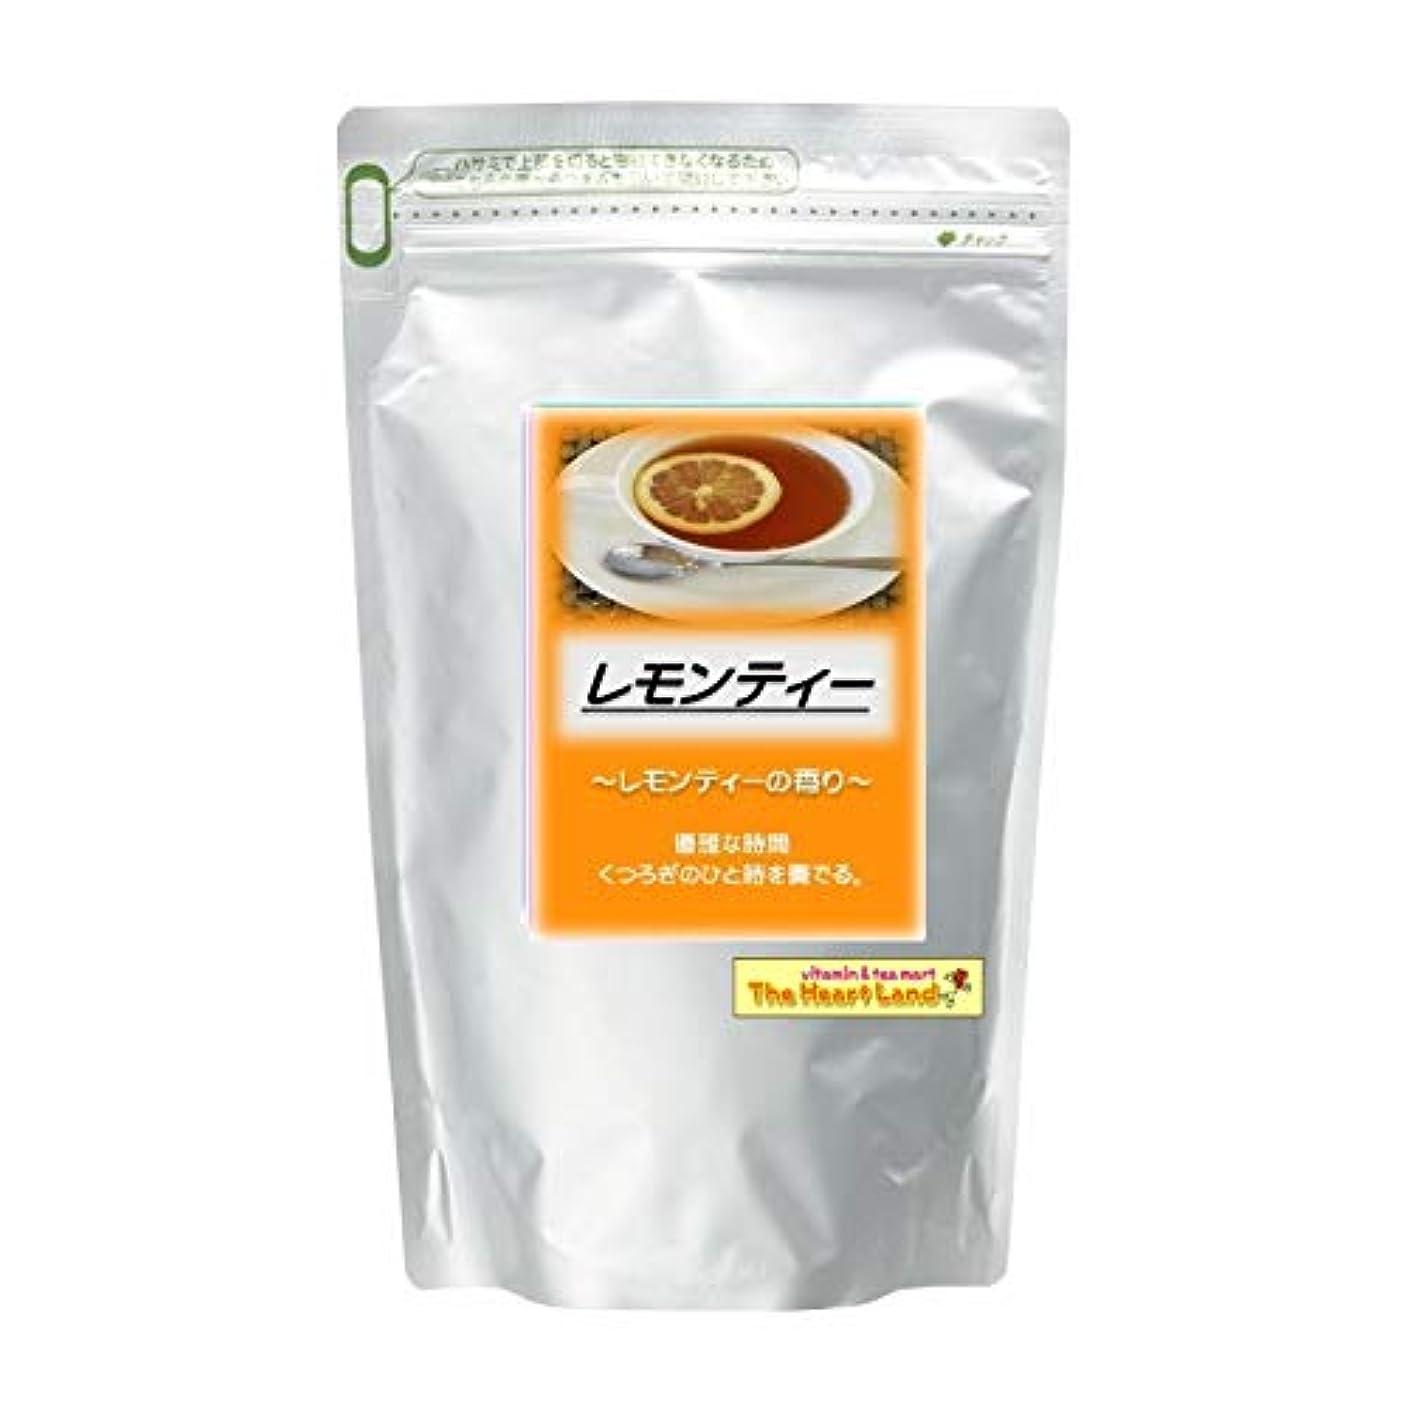 経由で事件、出来事城アサヒ入浴剤 浴用入浴化粧品 レモンティー 2.5kg